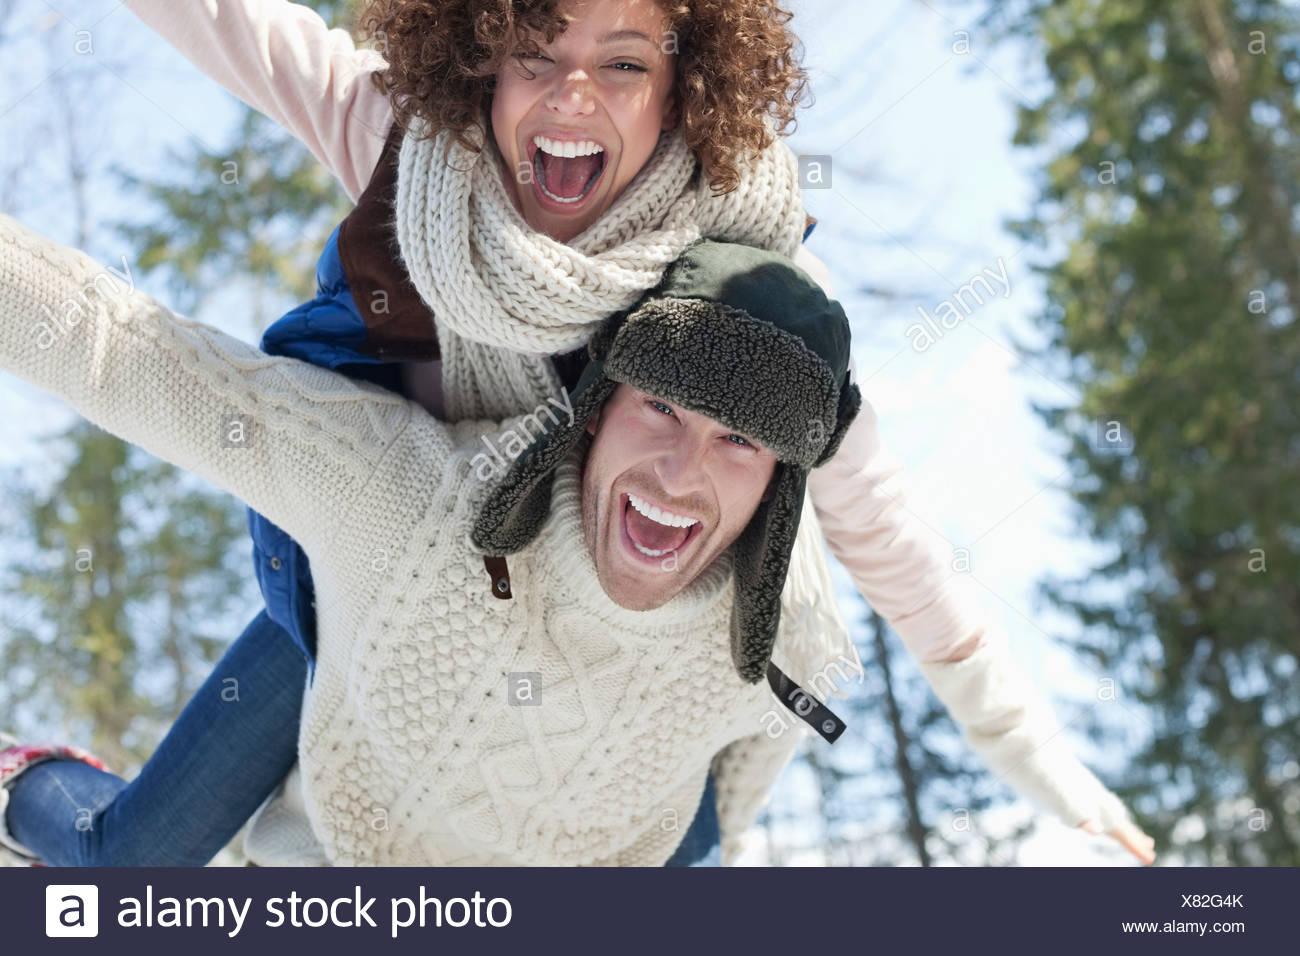 Enthusiastic couple piggybacking - Stock Image